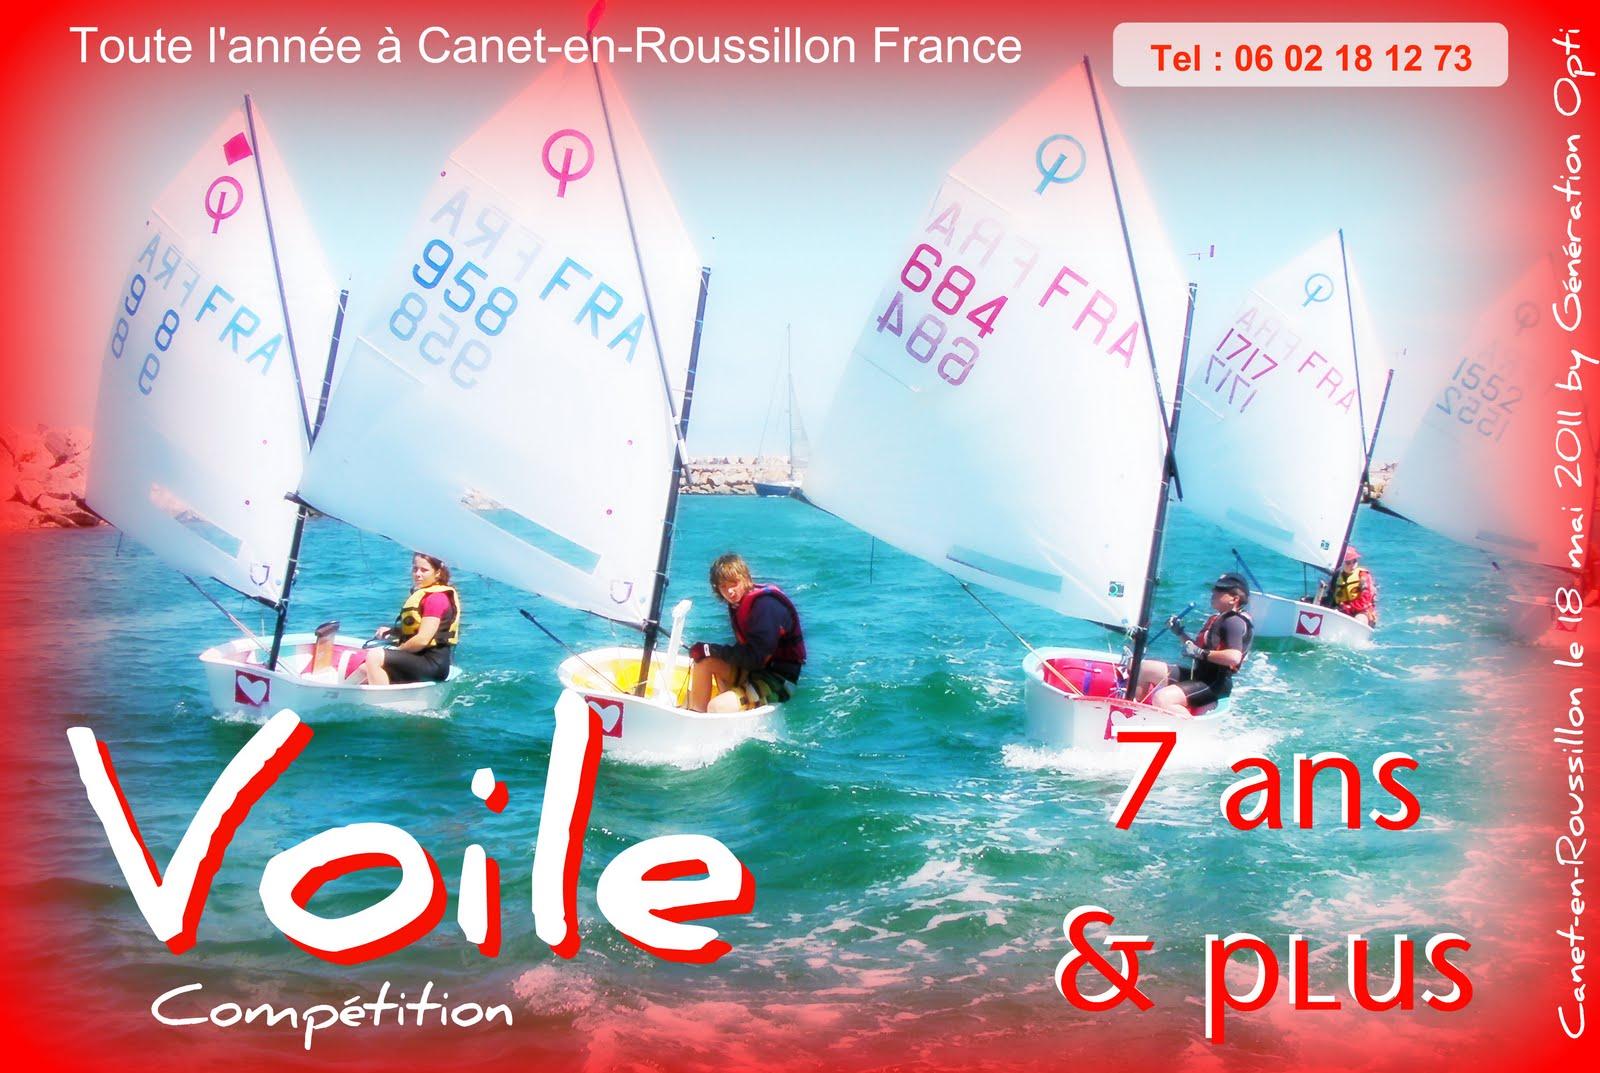 voile optimist 66 generation-opti Canet-en-Roussillon Perpignan